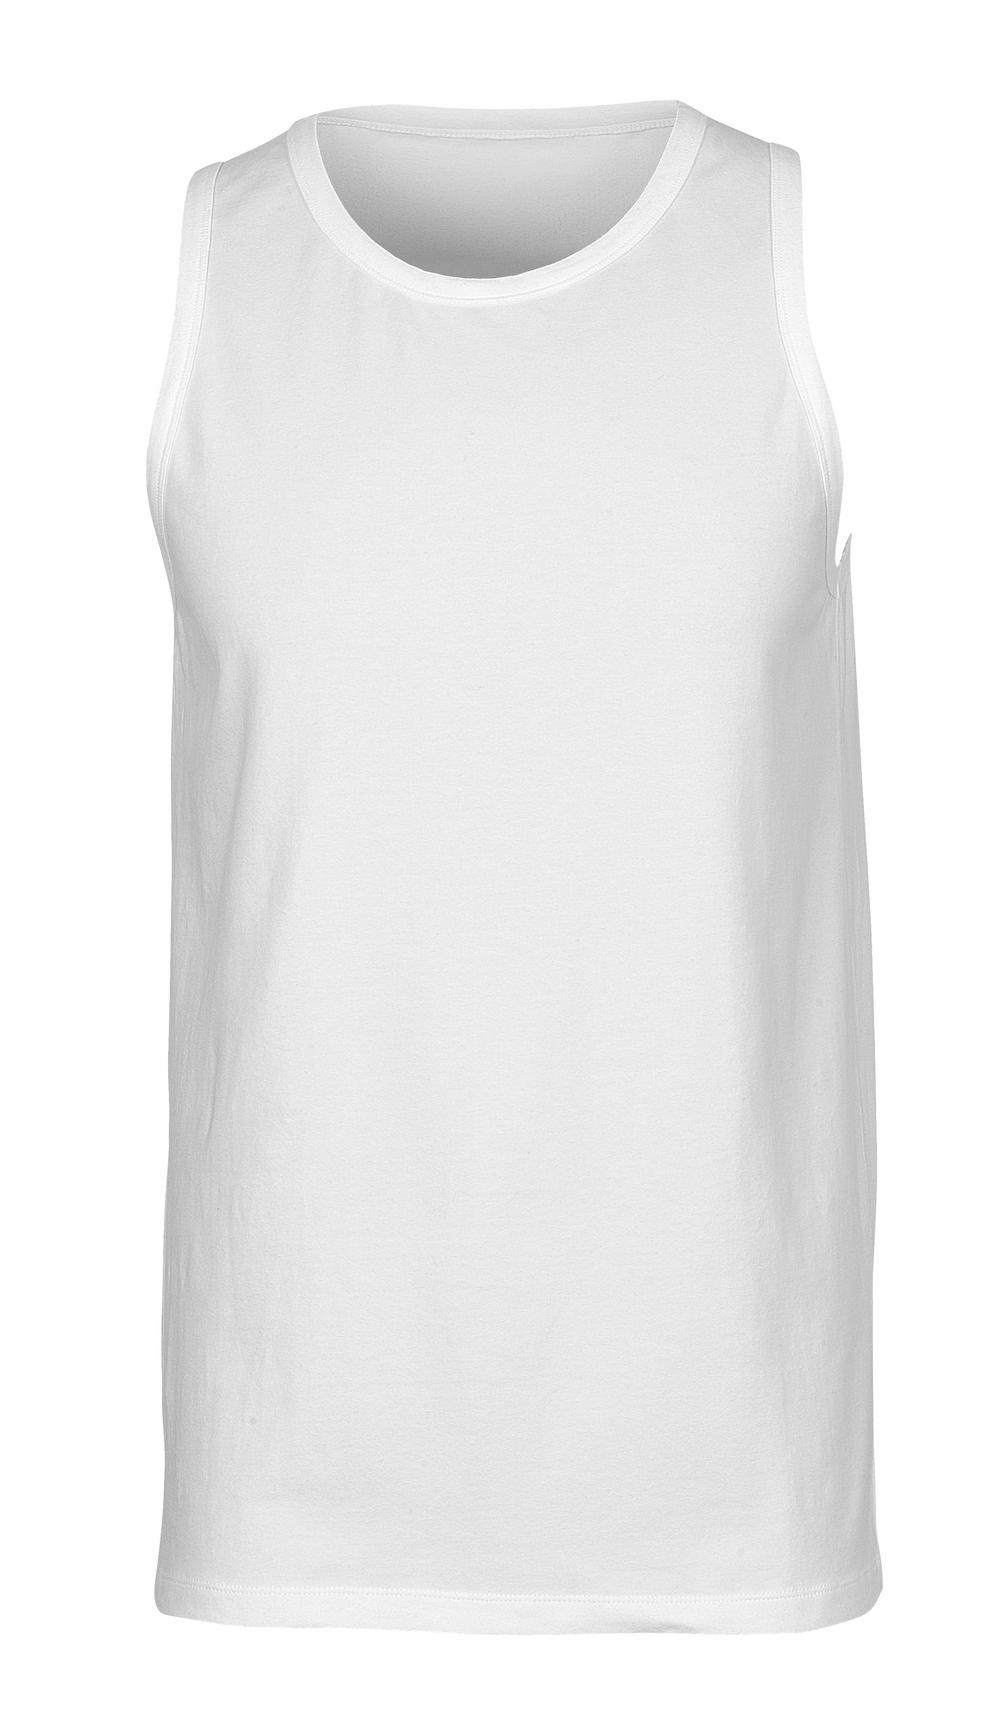 50031-847-06 Camiseta interior - blanco